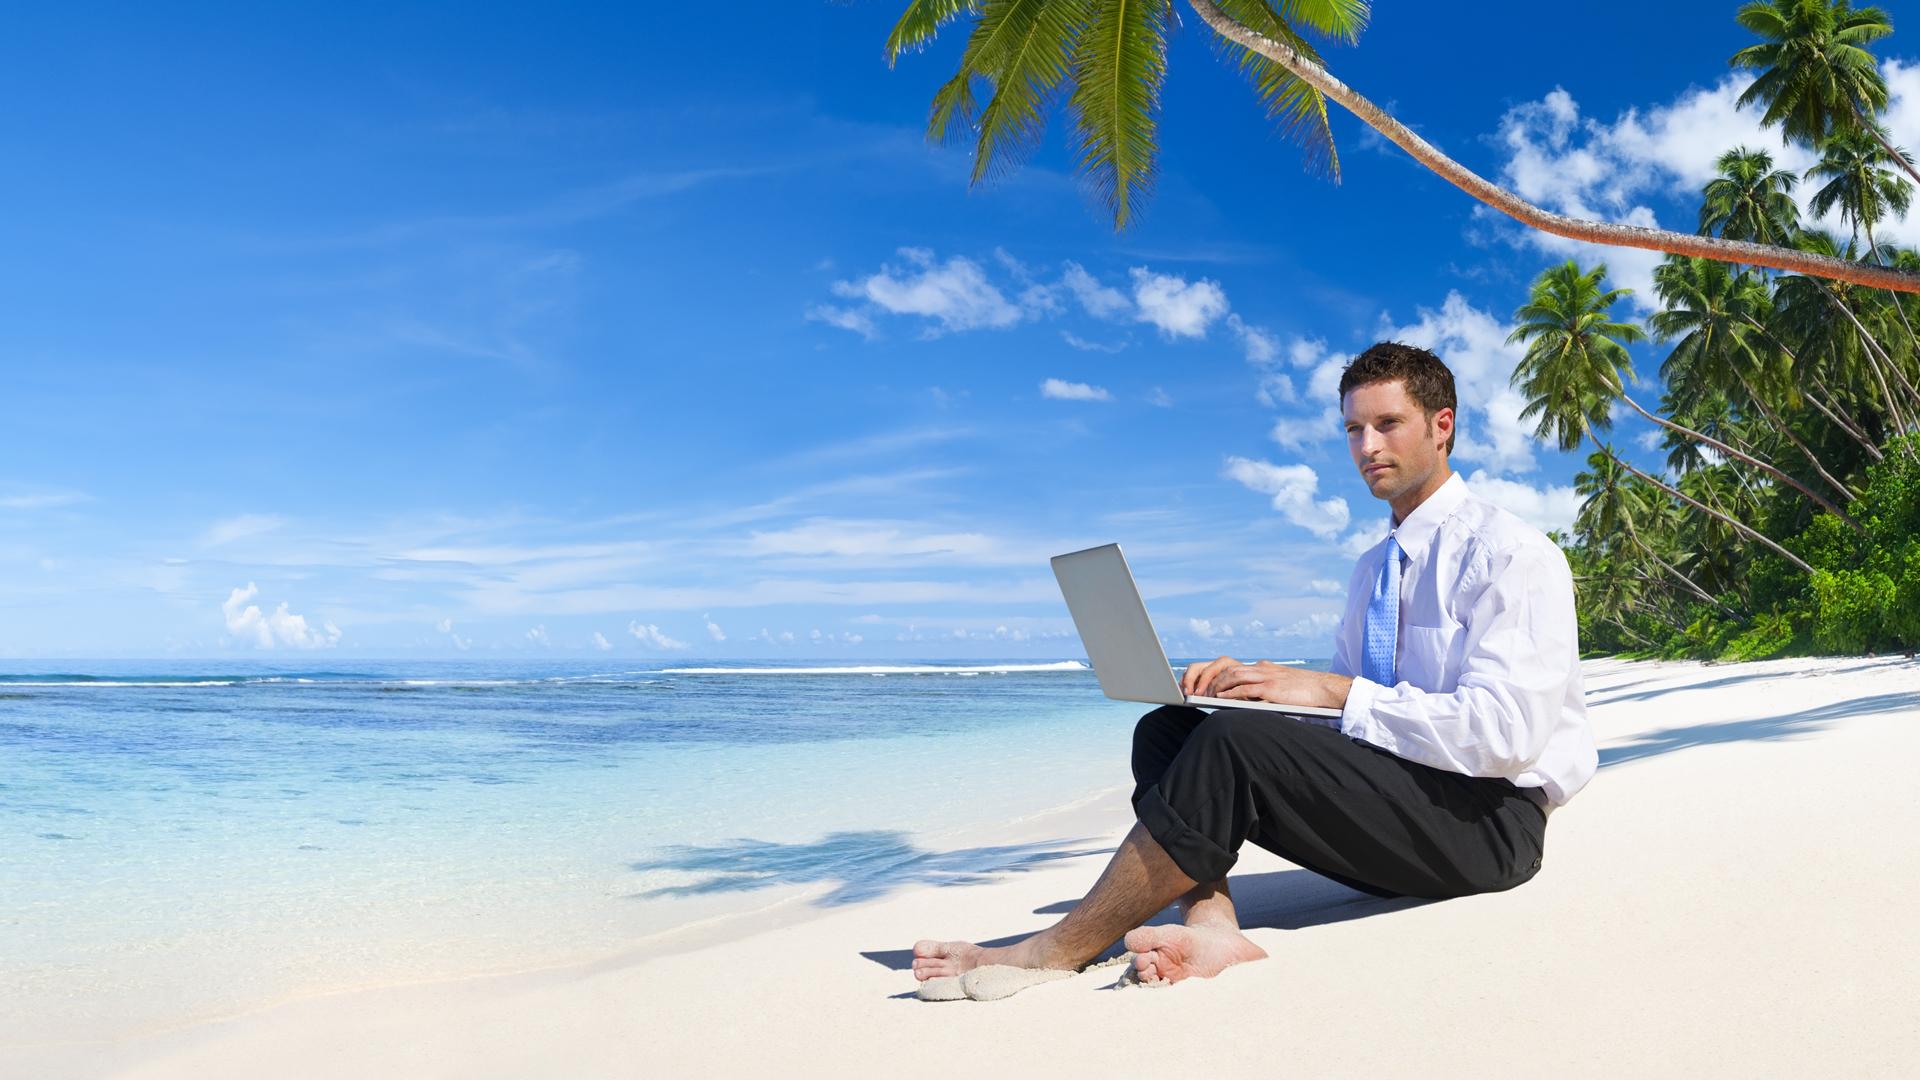 La persona debe evitar a toda costa conectarse en su tiempo libre, ya que sentirá que la semana nunca terminó (Getty Images)